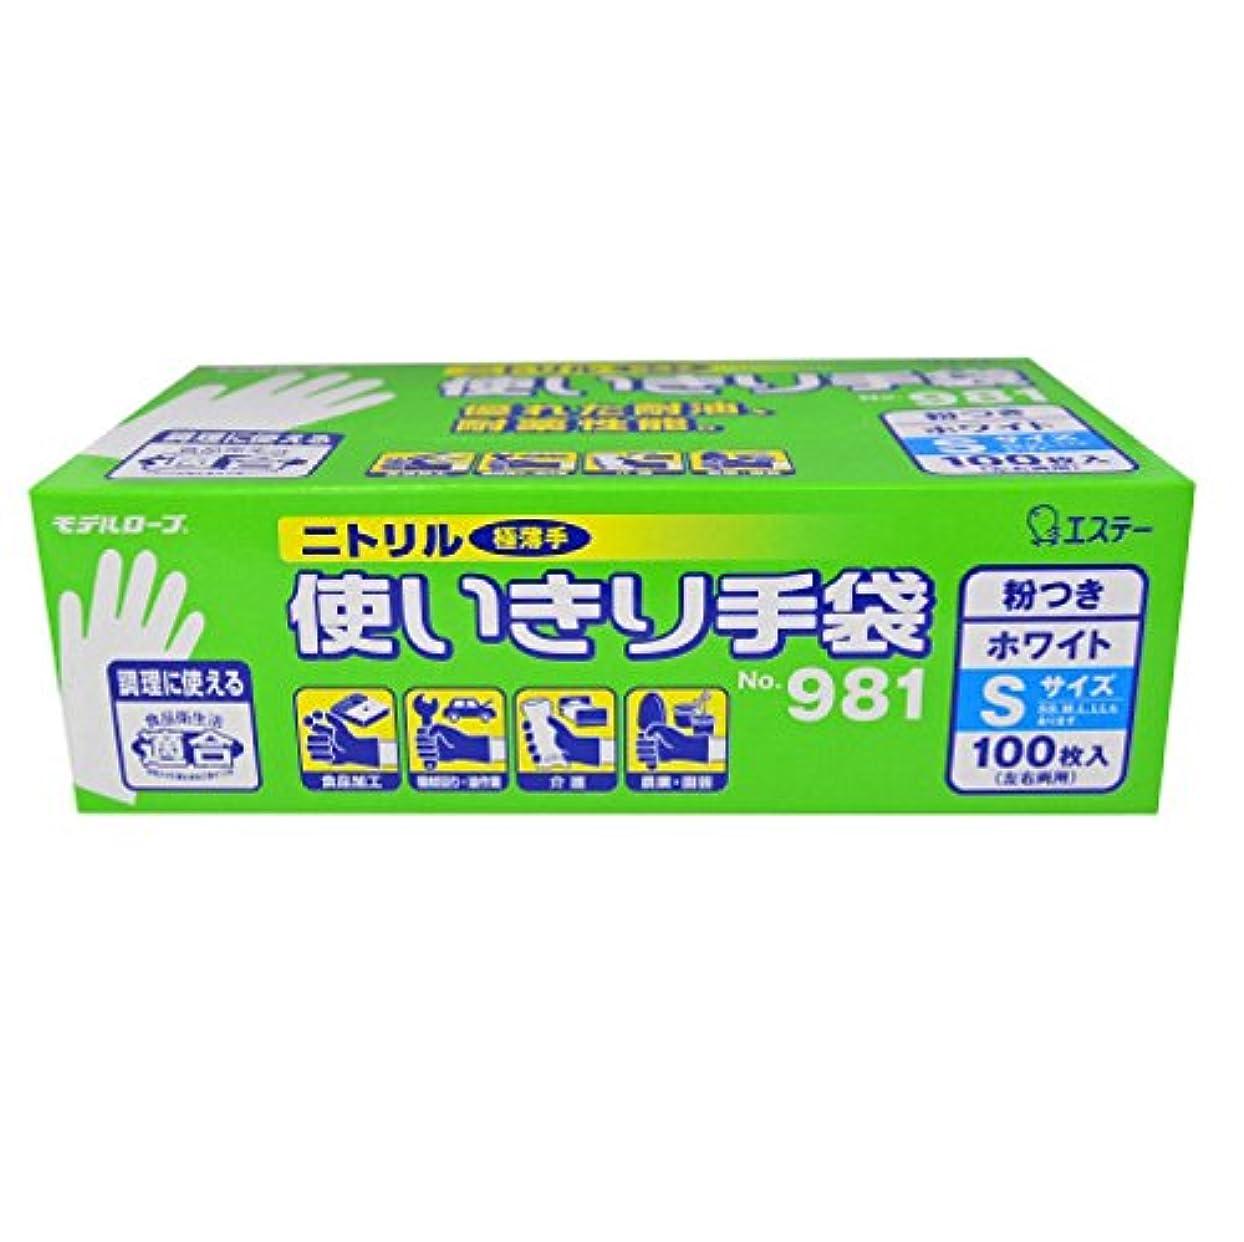 エステー 二トリル手袋 粉付(100枚入)S ブルー No.981